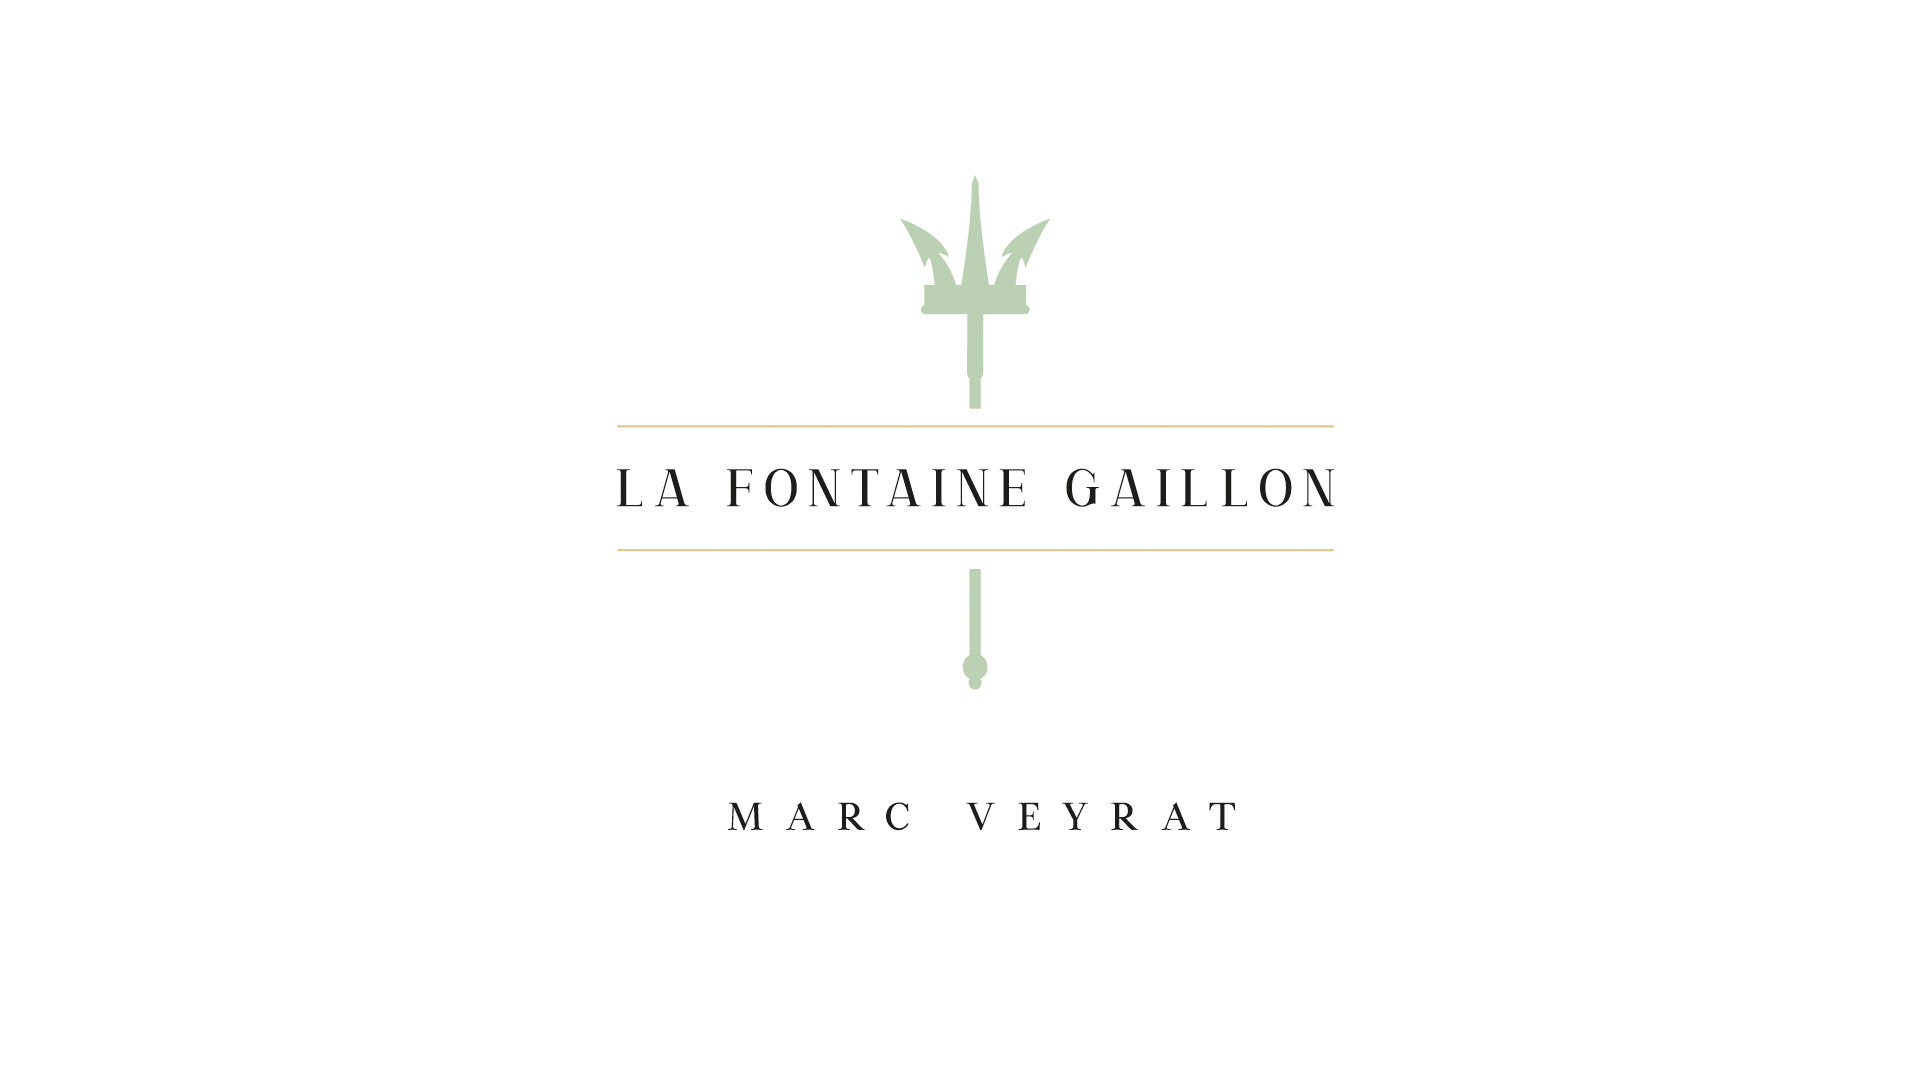 FONTAINE_GAILLON_LOGOTYPE